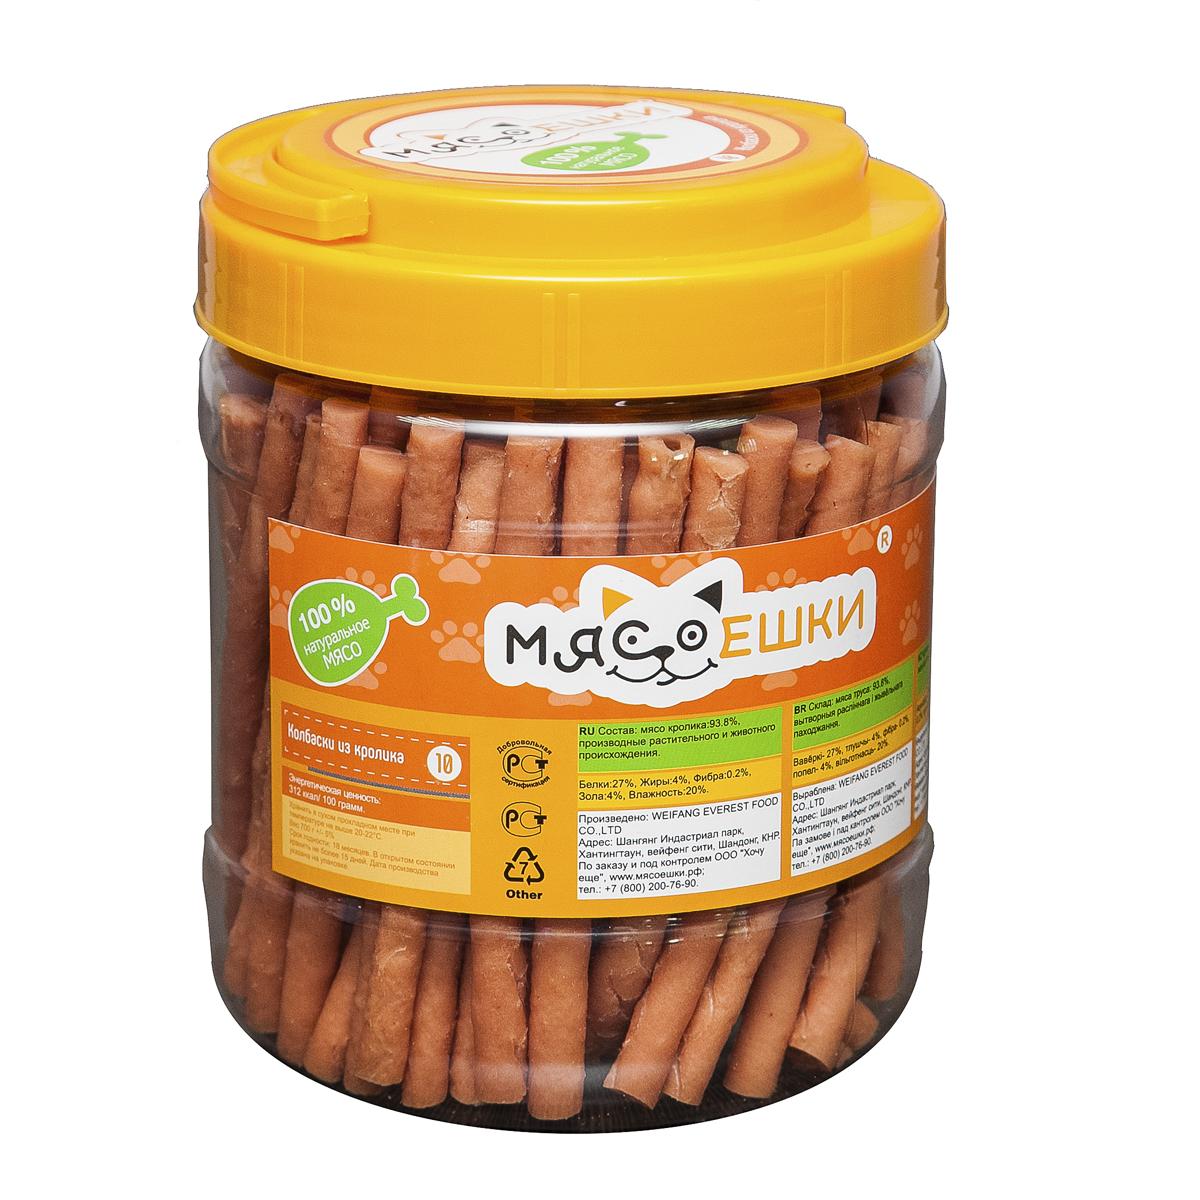 Лакомство для собак Мясоешки Колбаски из кролика, 700 гУТ-00000063Мясо кролика: 93,8%,производные растительного и животного происхождения. Белки-27%, жиры-4%, фибра-0,2%, зола-4%, влажность-20%. Калорийность: 312ккал/100грамм